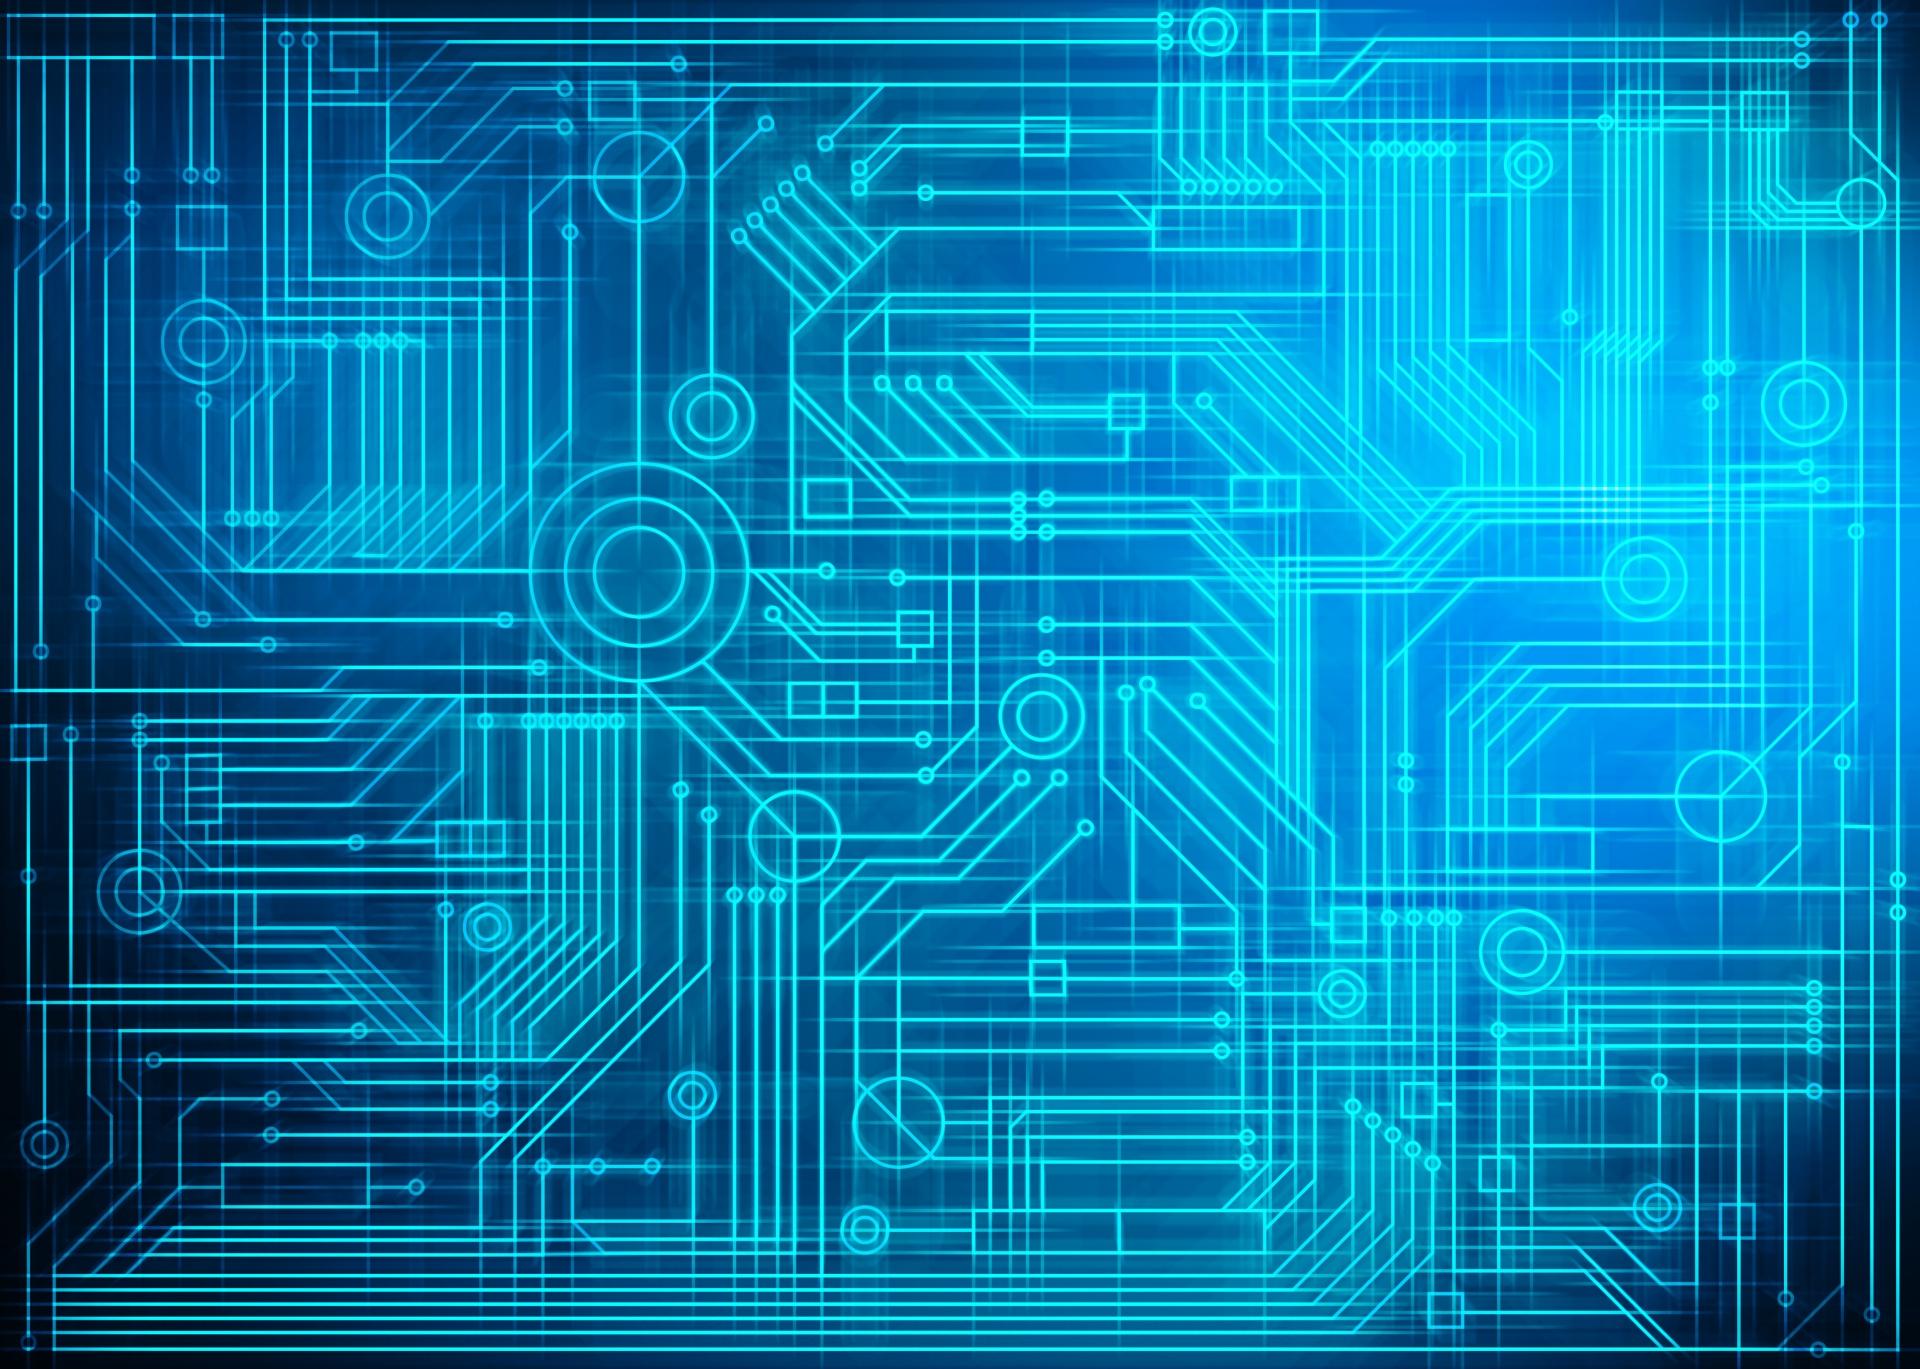 クルマとスマホがシームレスに連携するスマートデバイスリンク(SDL)とは